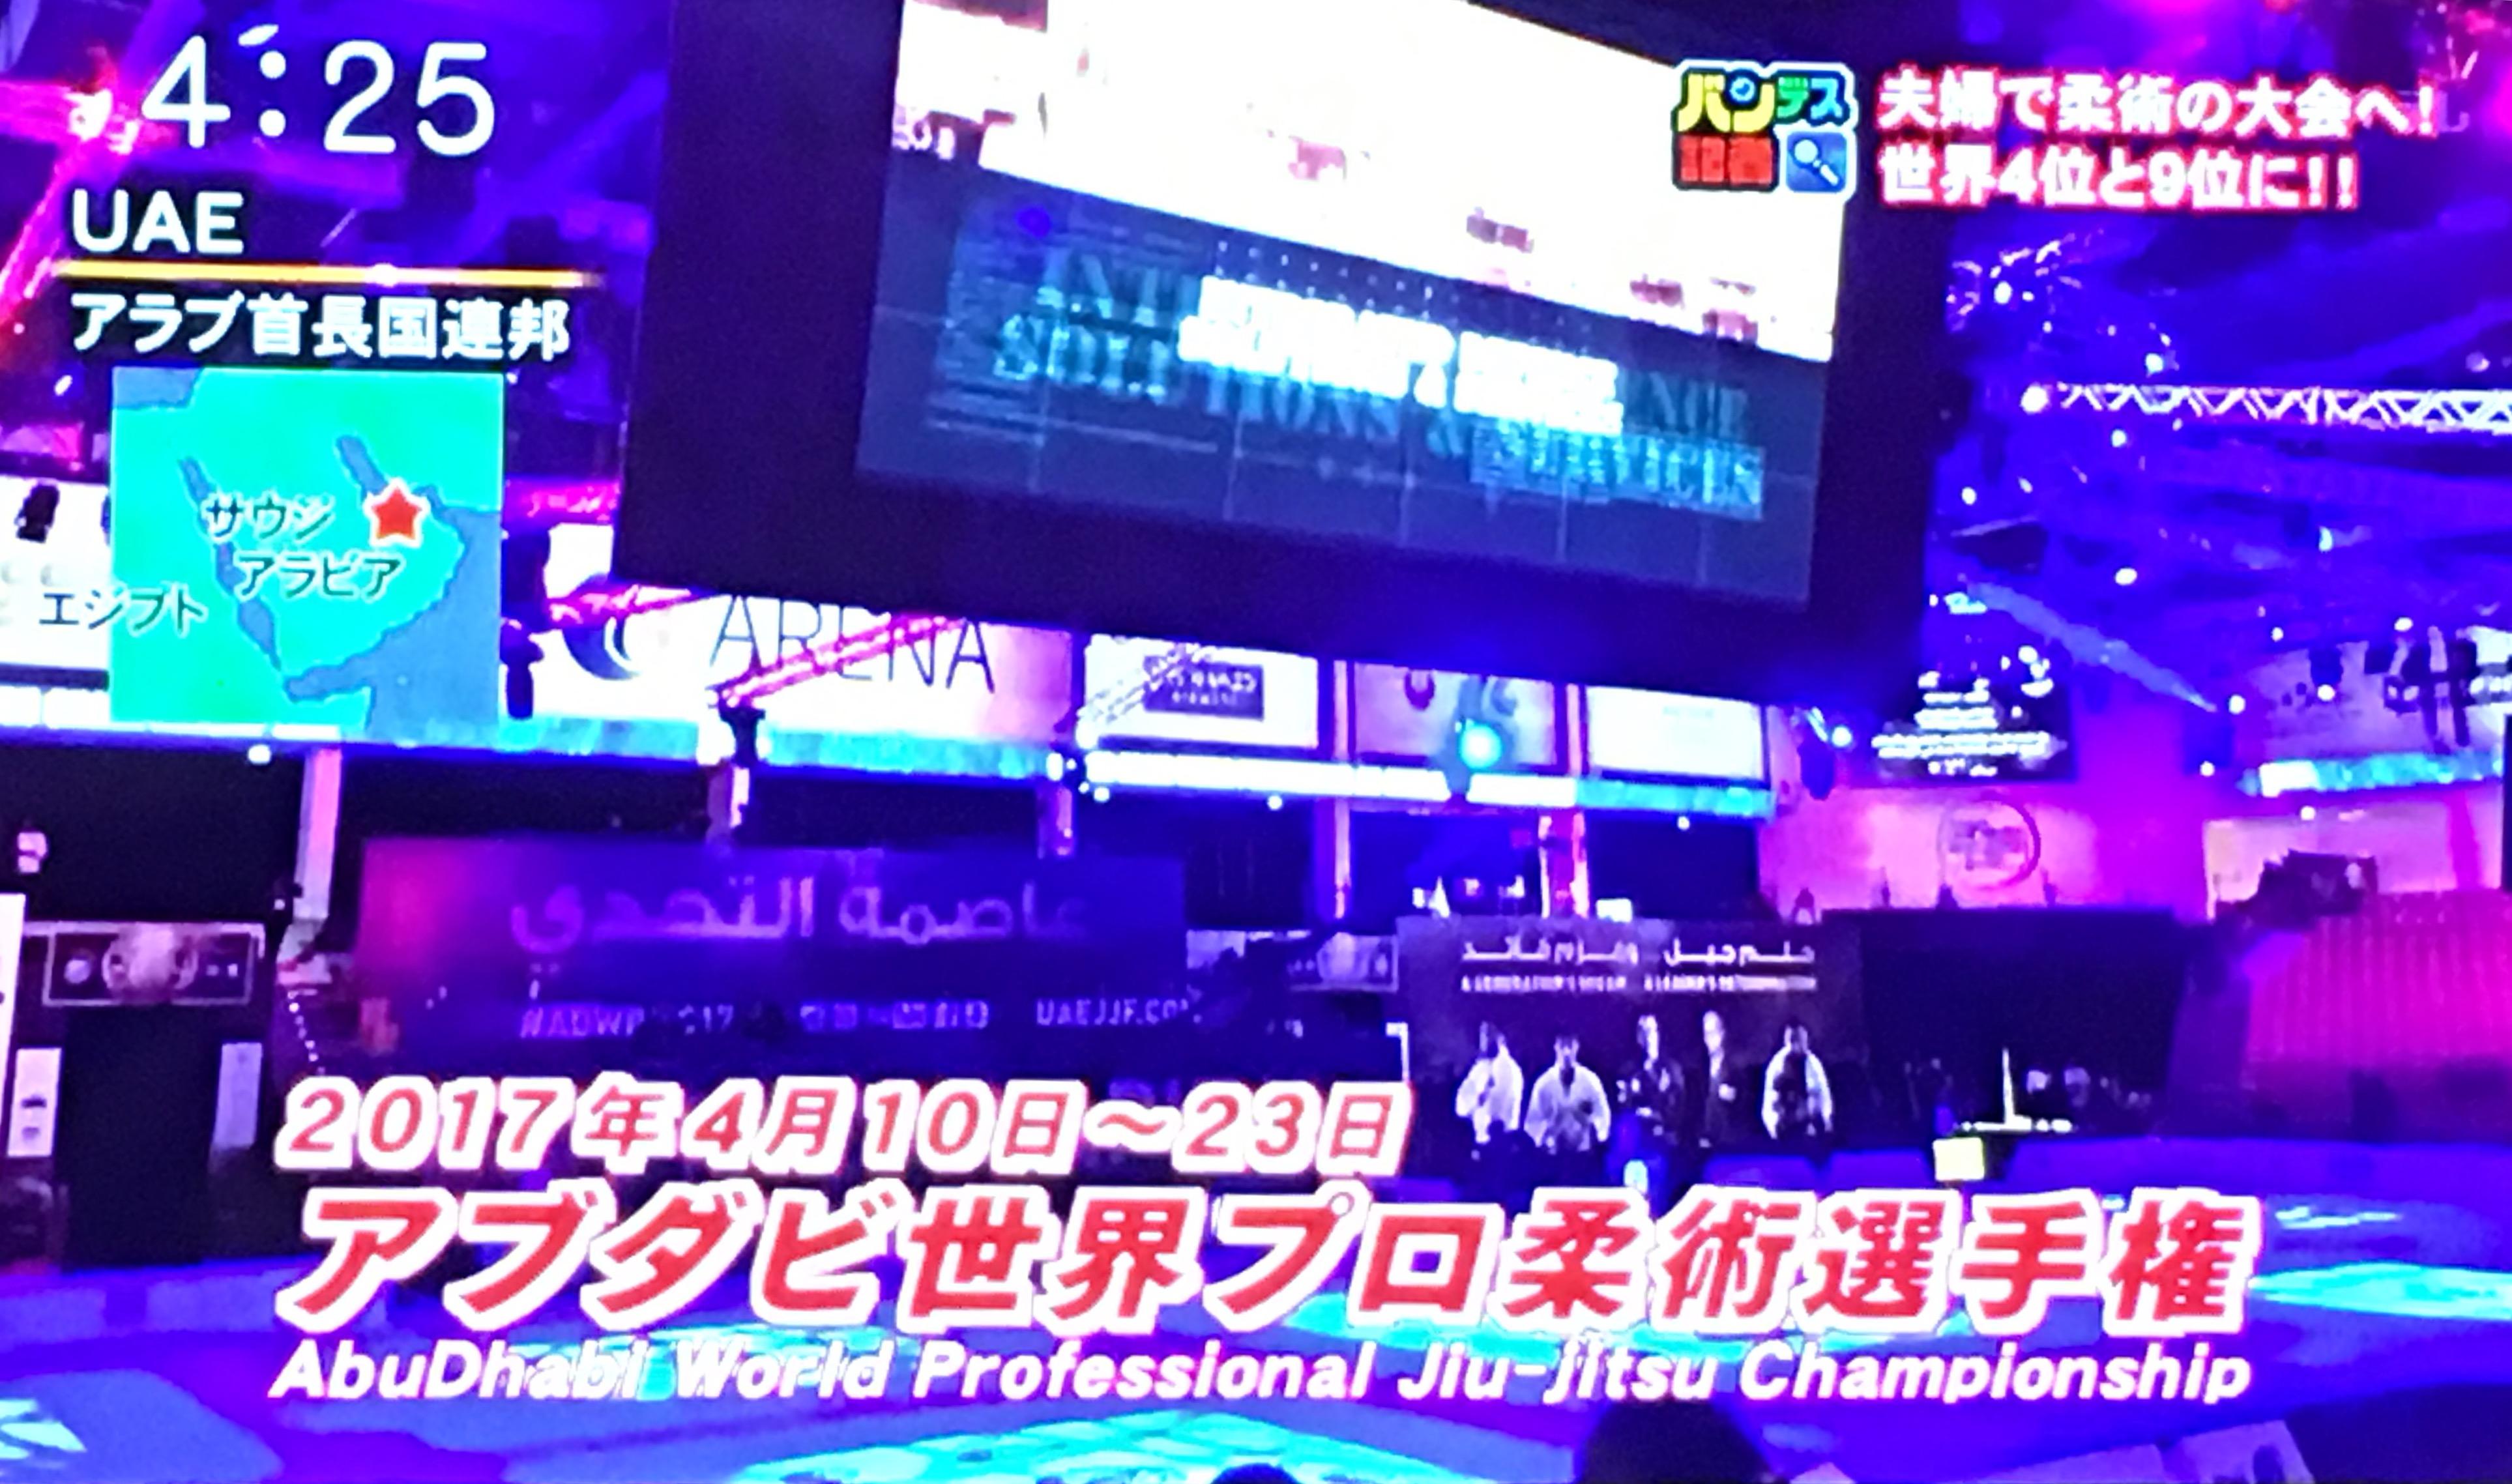 仙台 柔術 プロ 選手